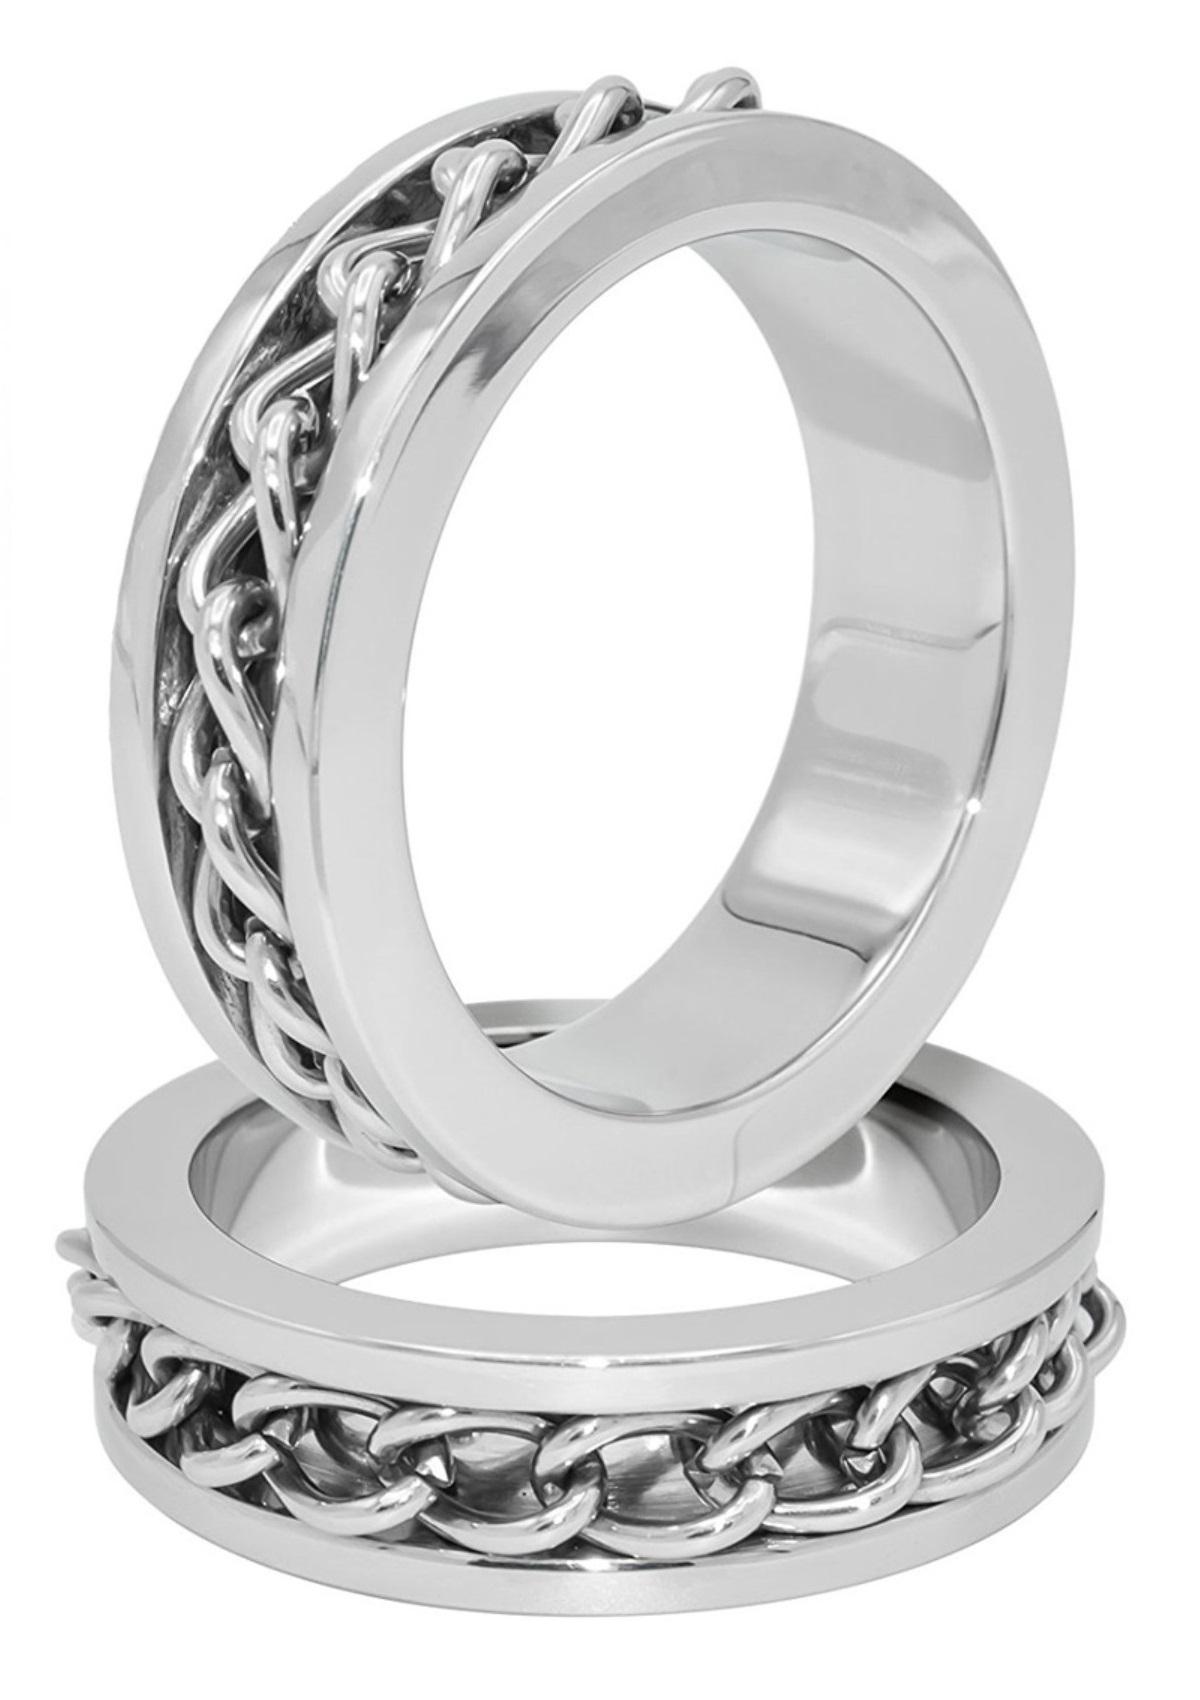 Láncos acél péniszgyűrű.